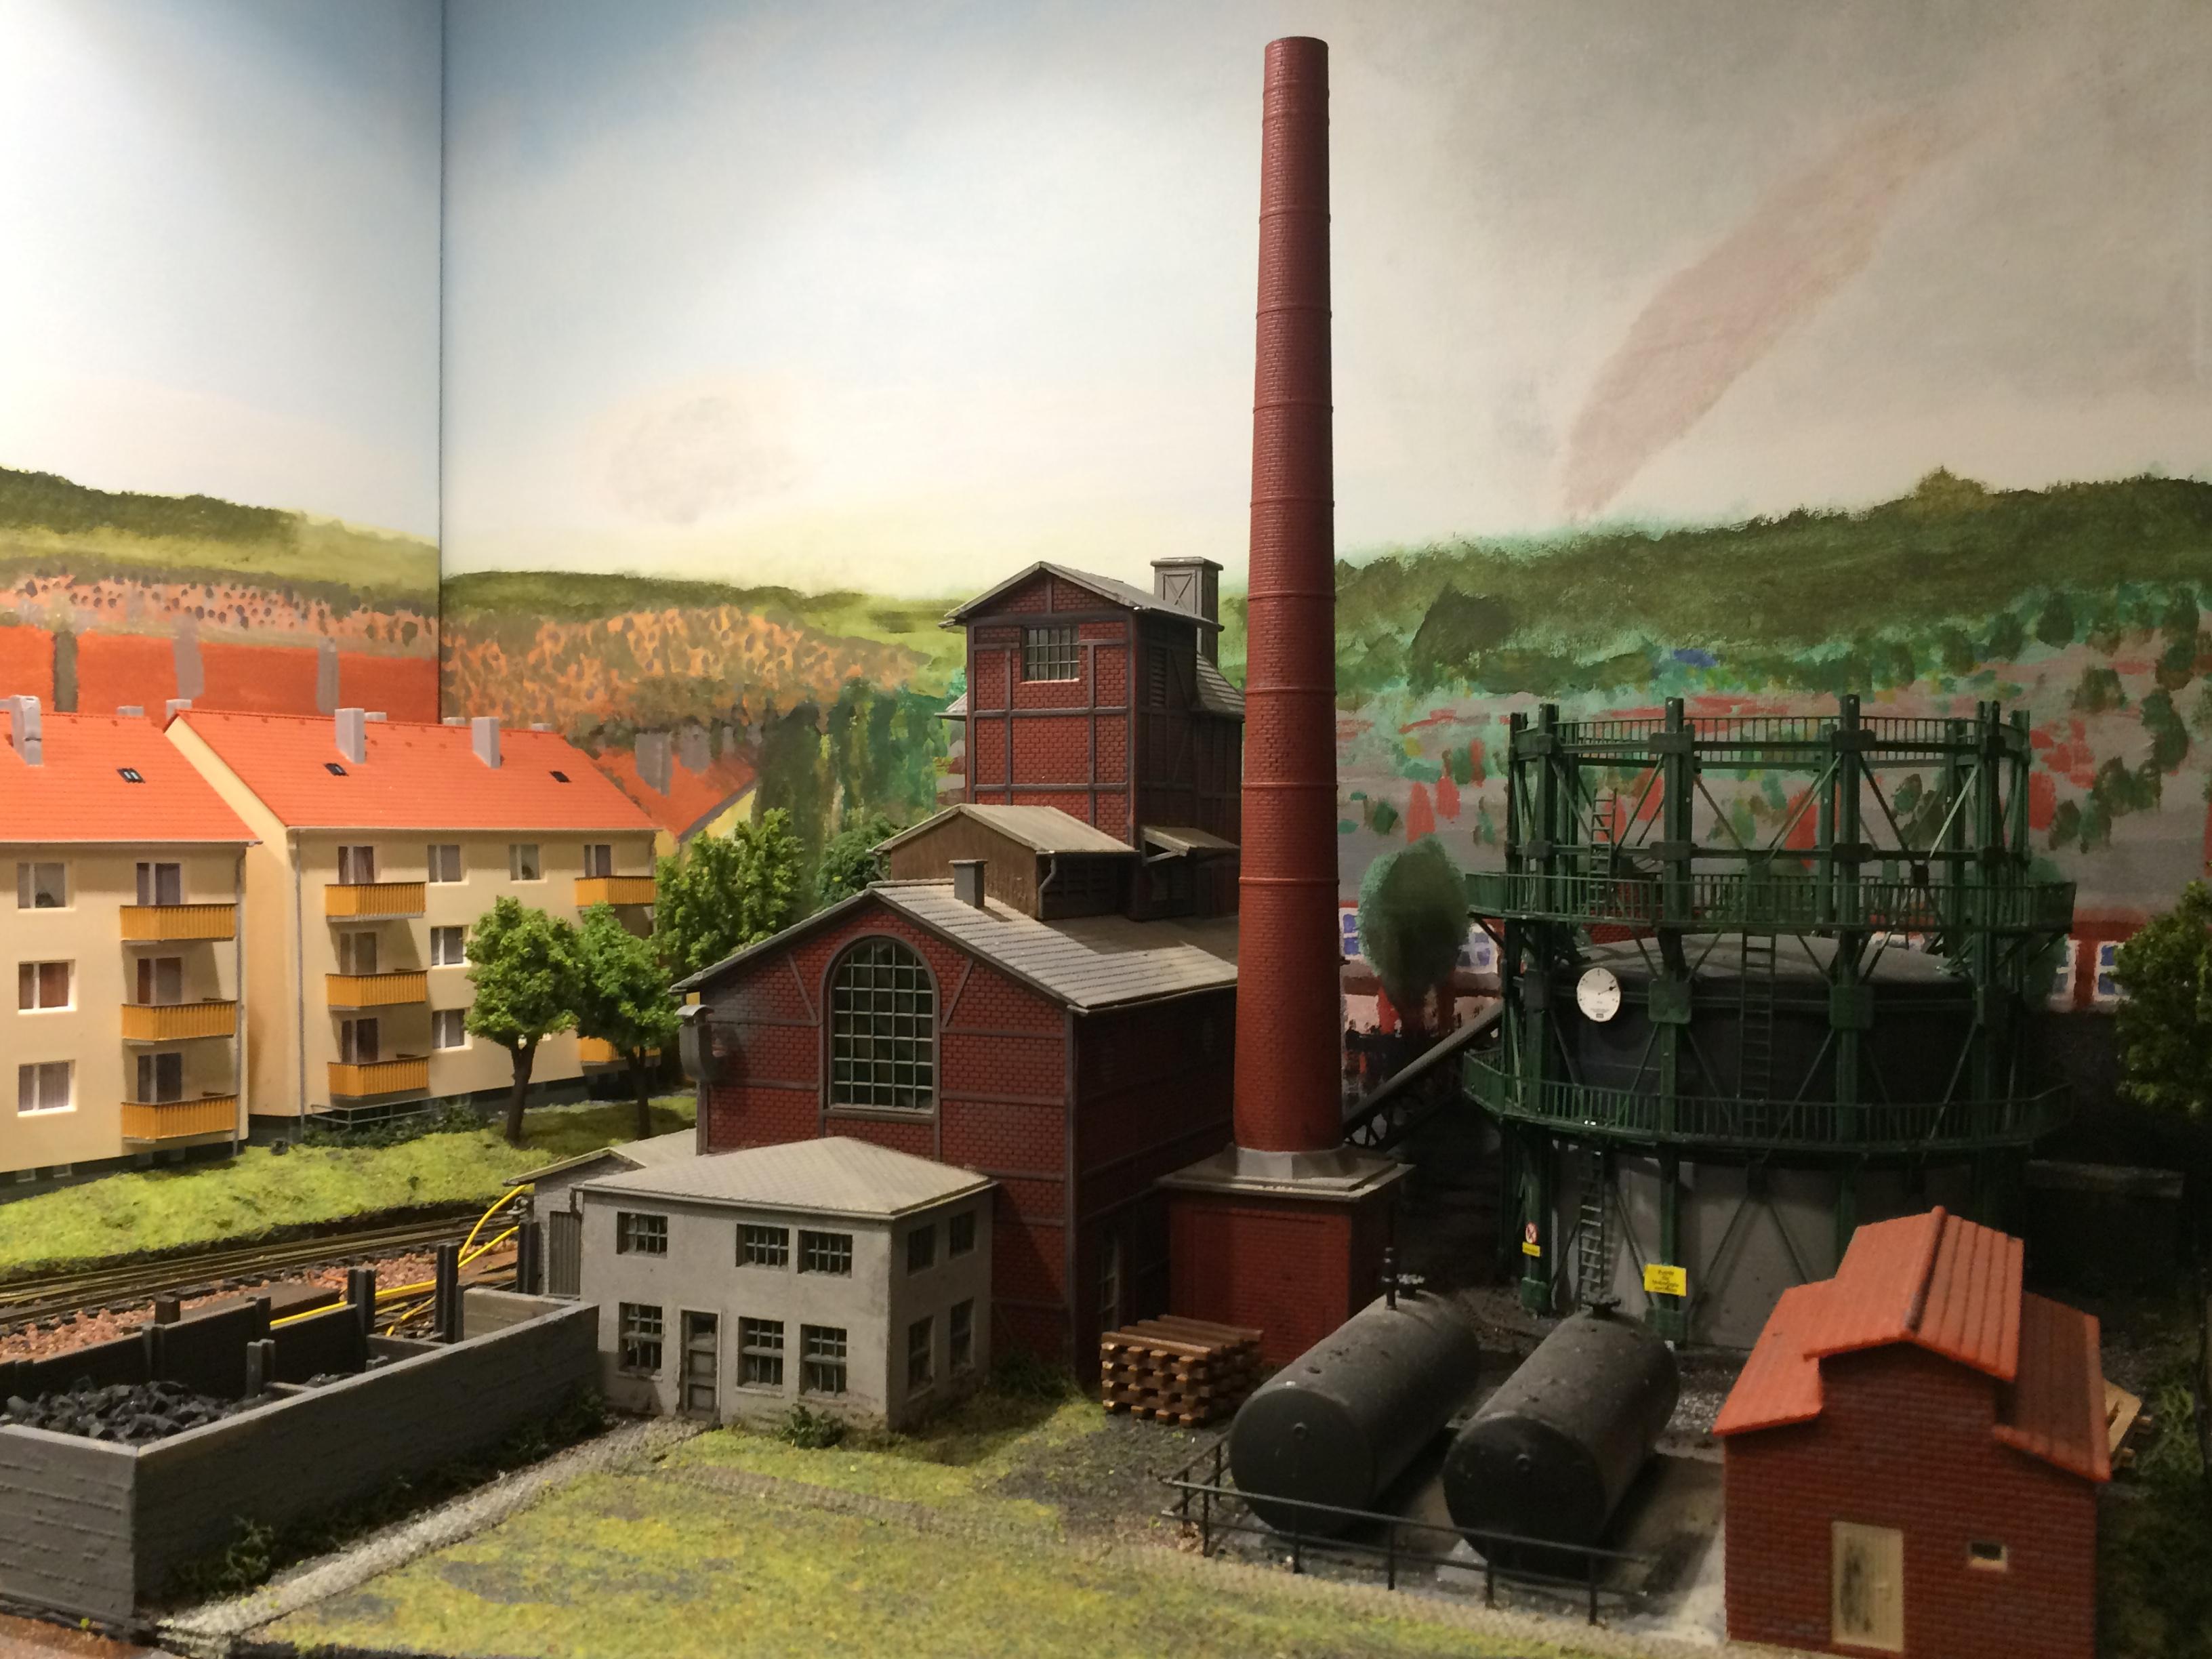 De gasfabriek en de woonflats aan de overkant.